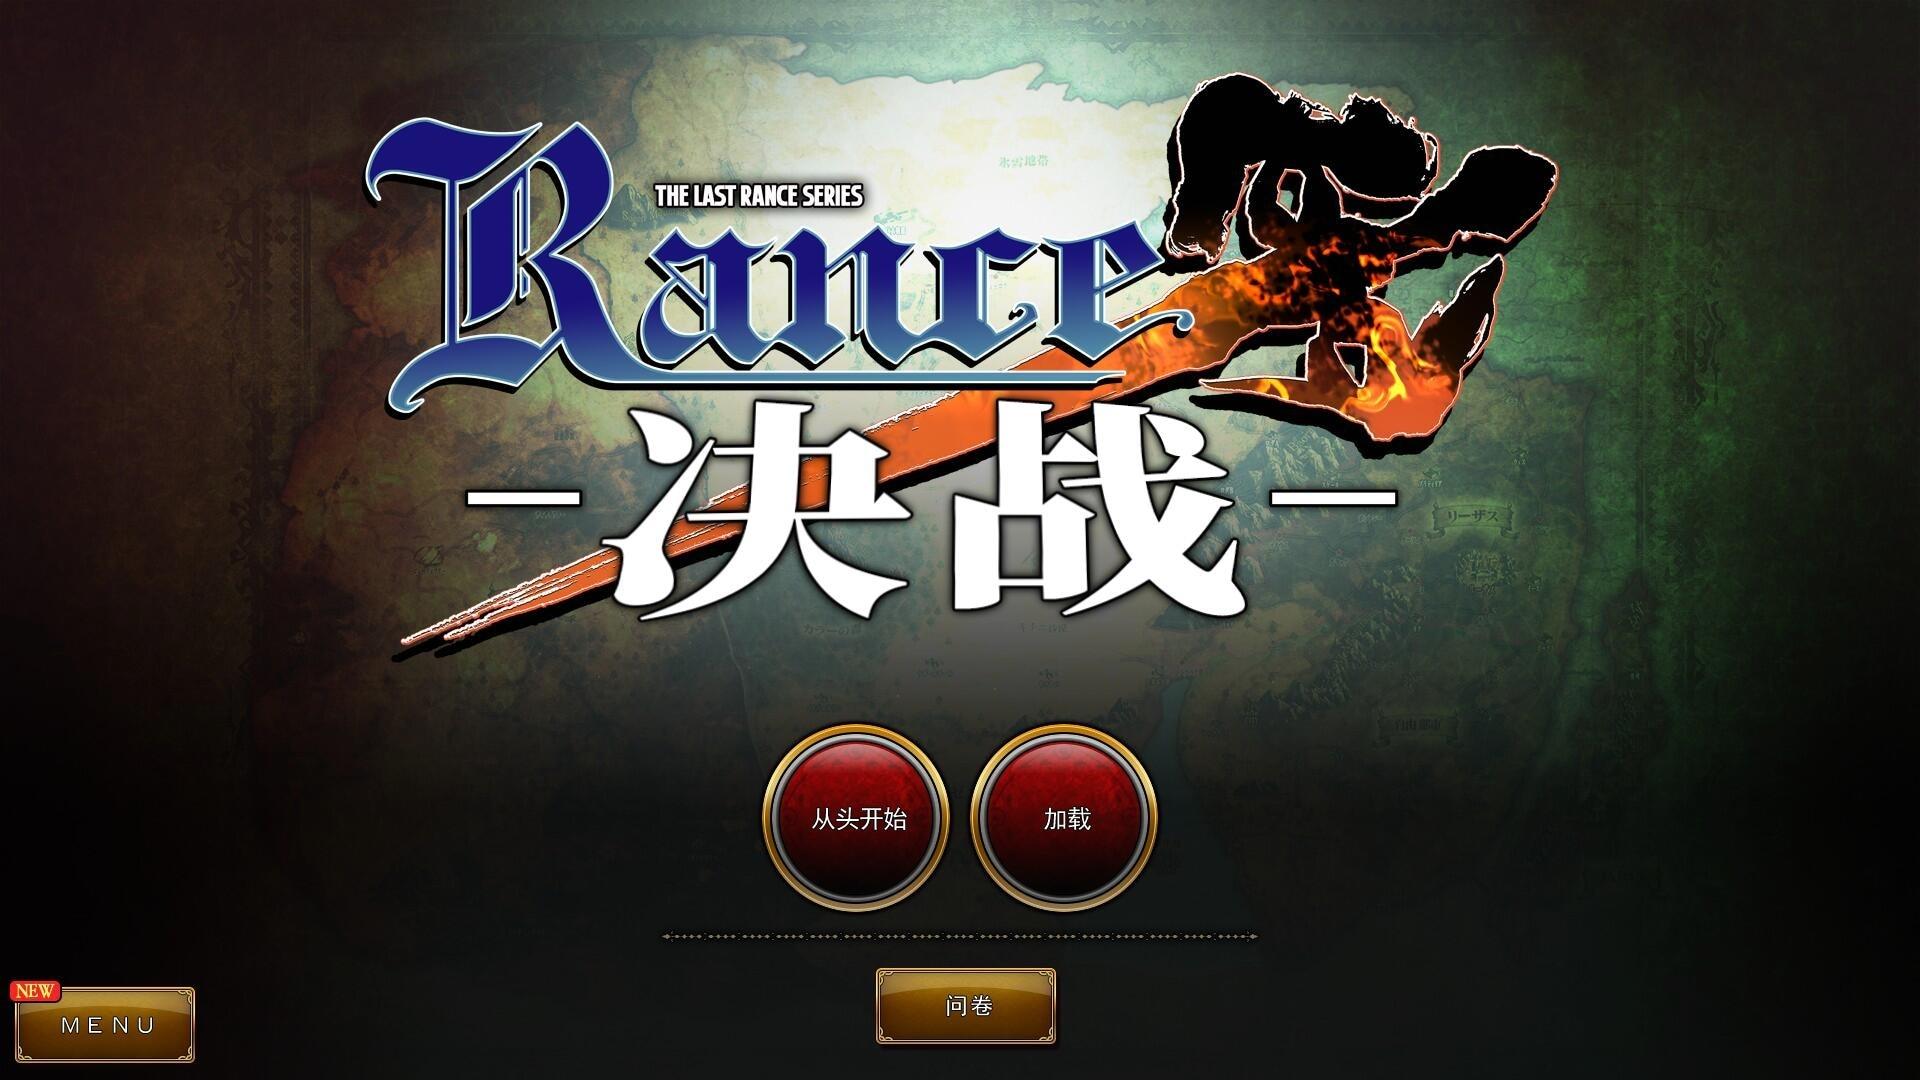 兰斯10:决战 官方中文修复版+1-10全系列游戏